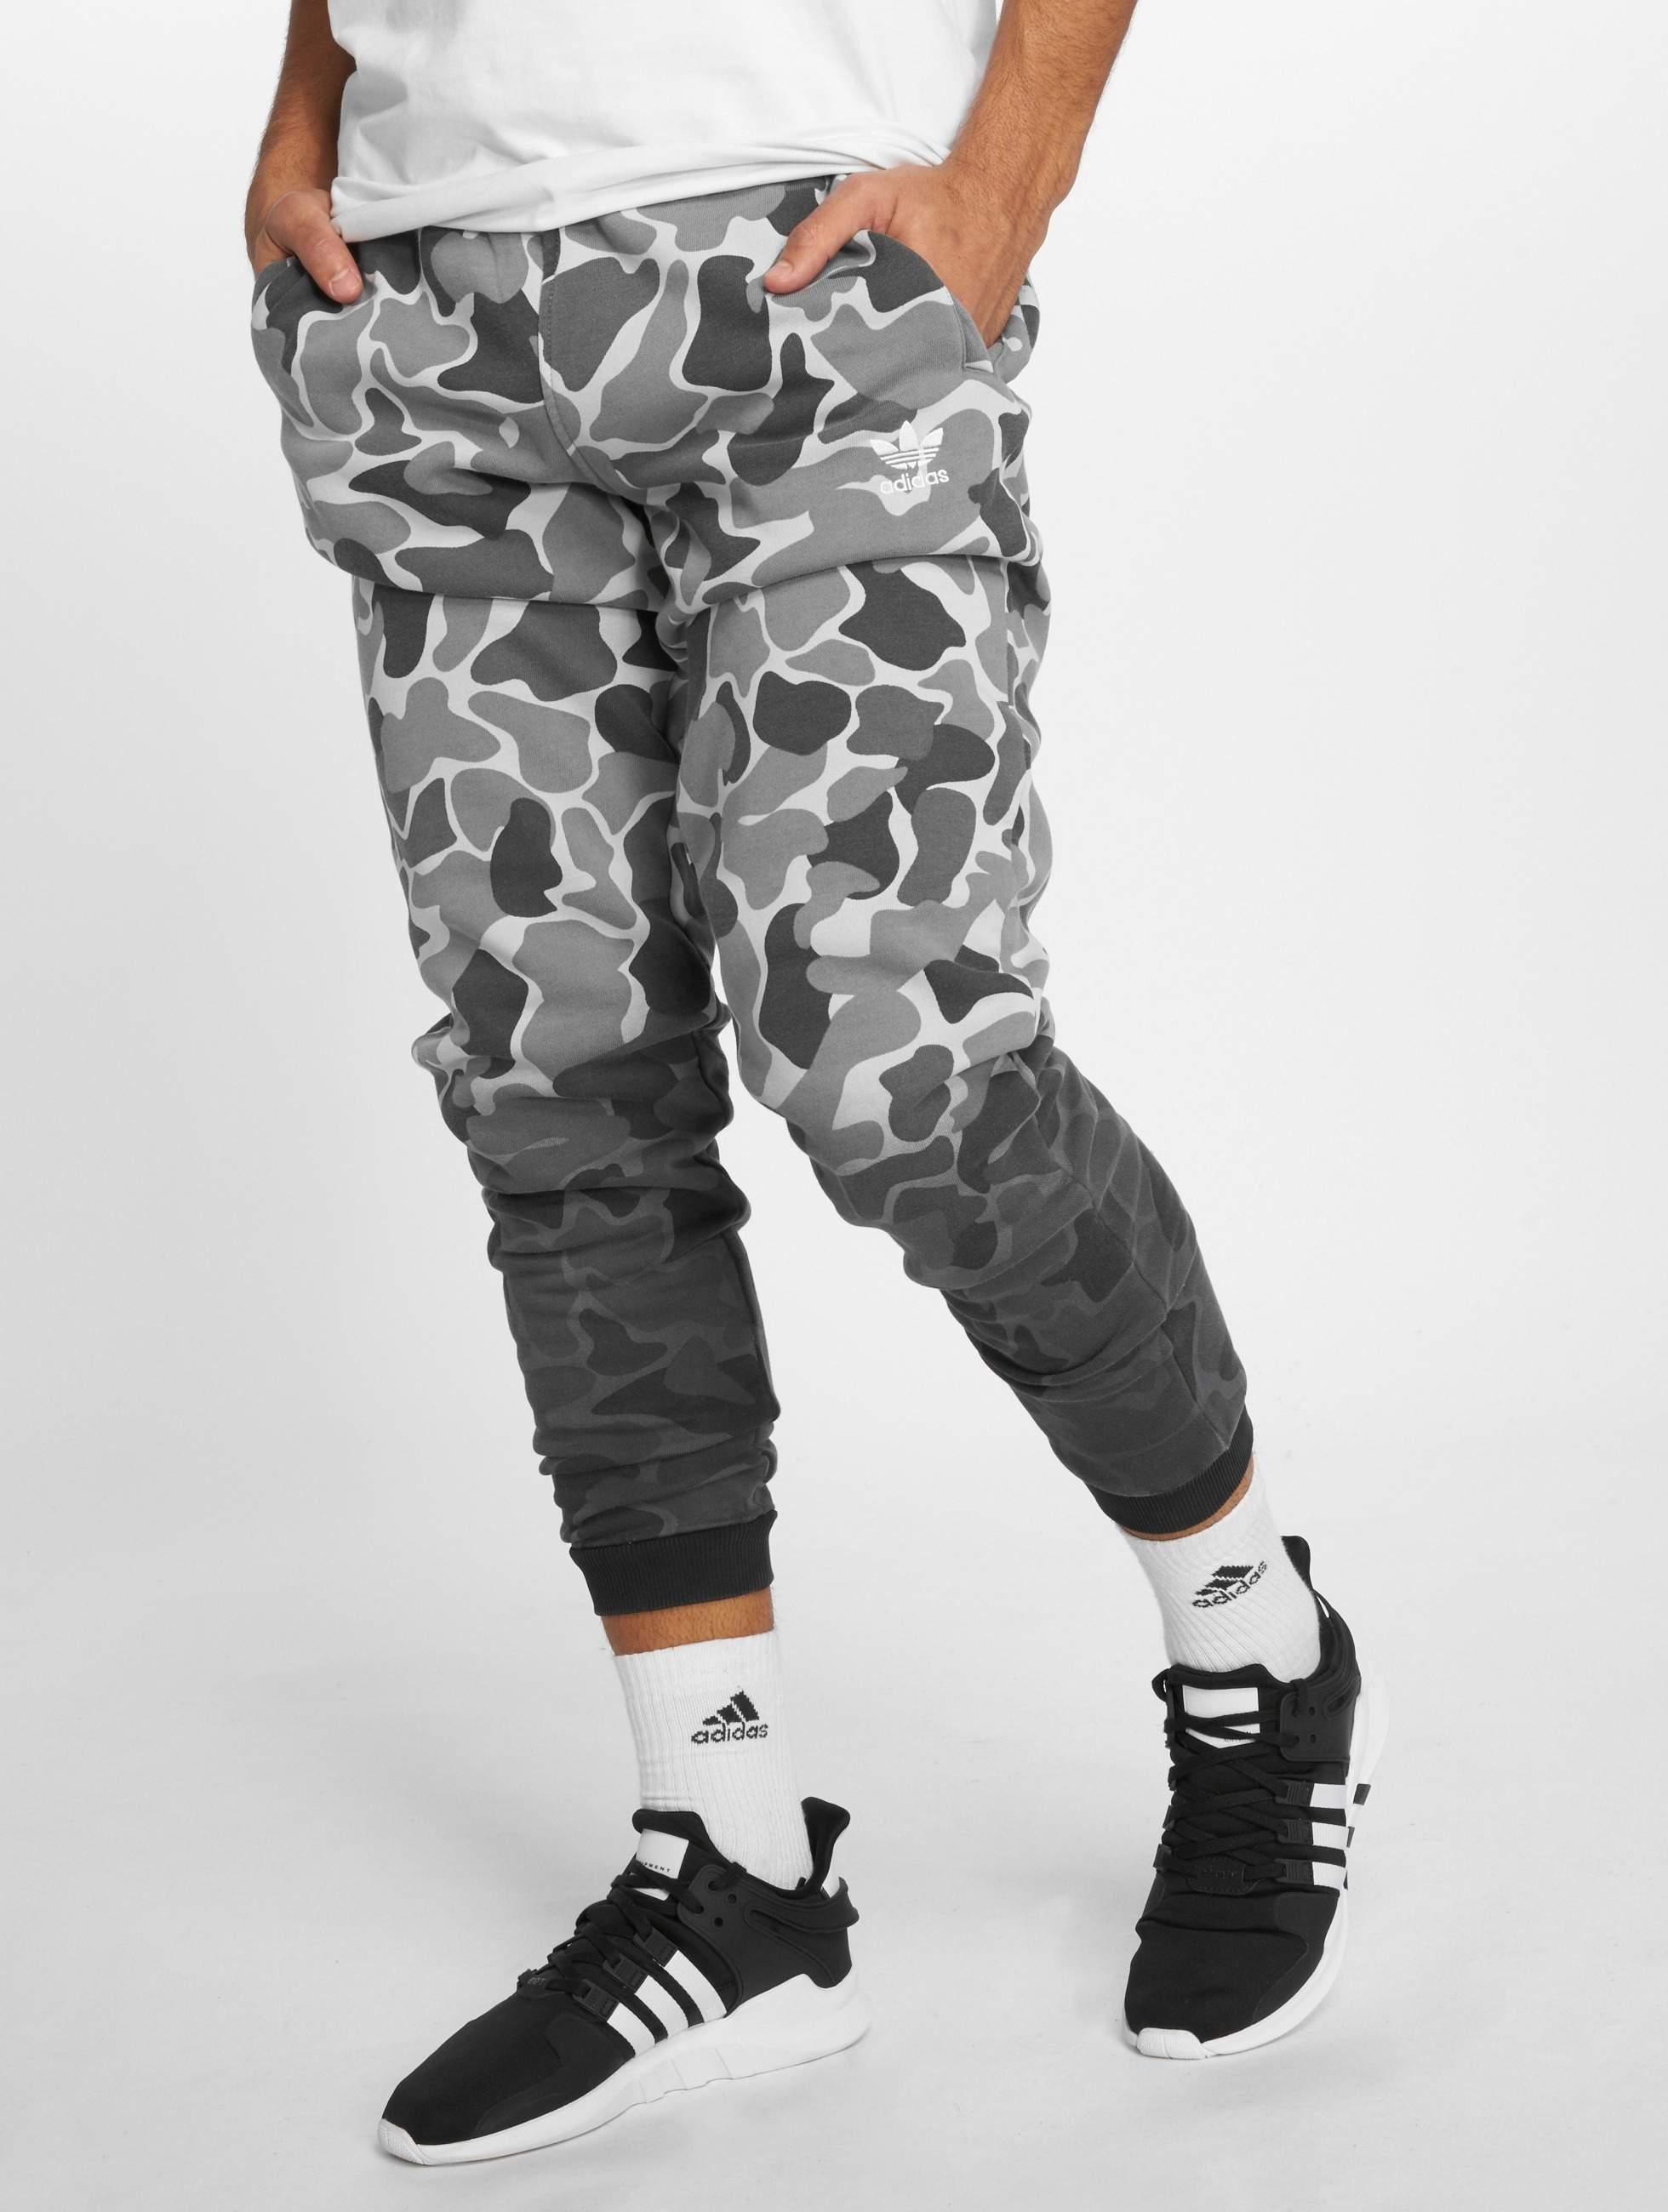 4ae42f7e565 adidas originals broek / joggingbroek Camo in camouflage 499812